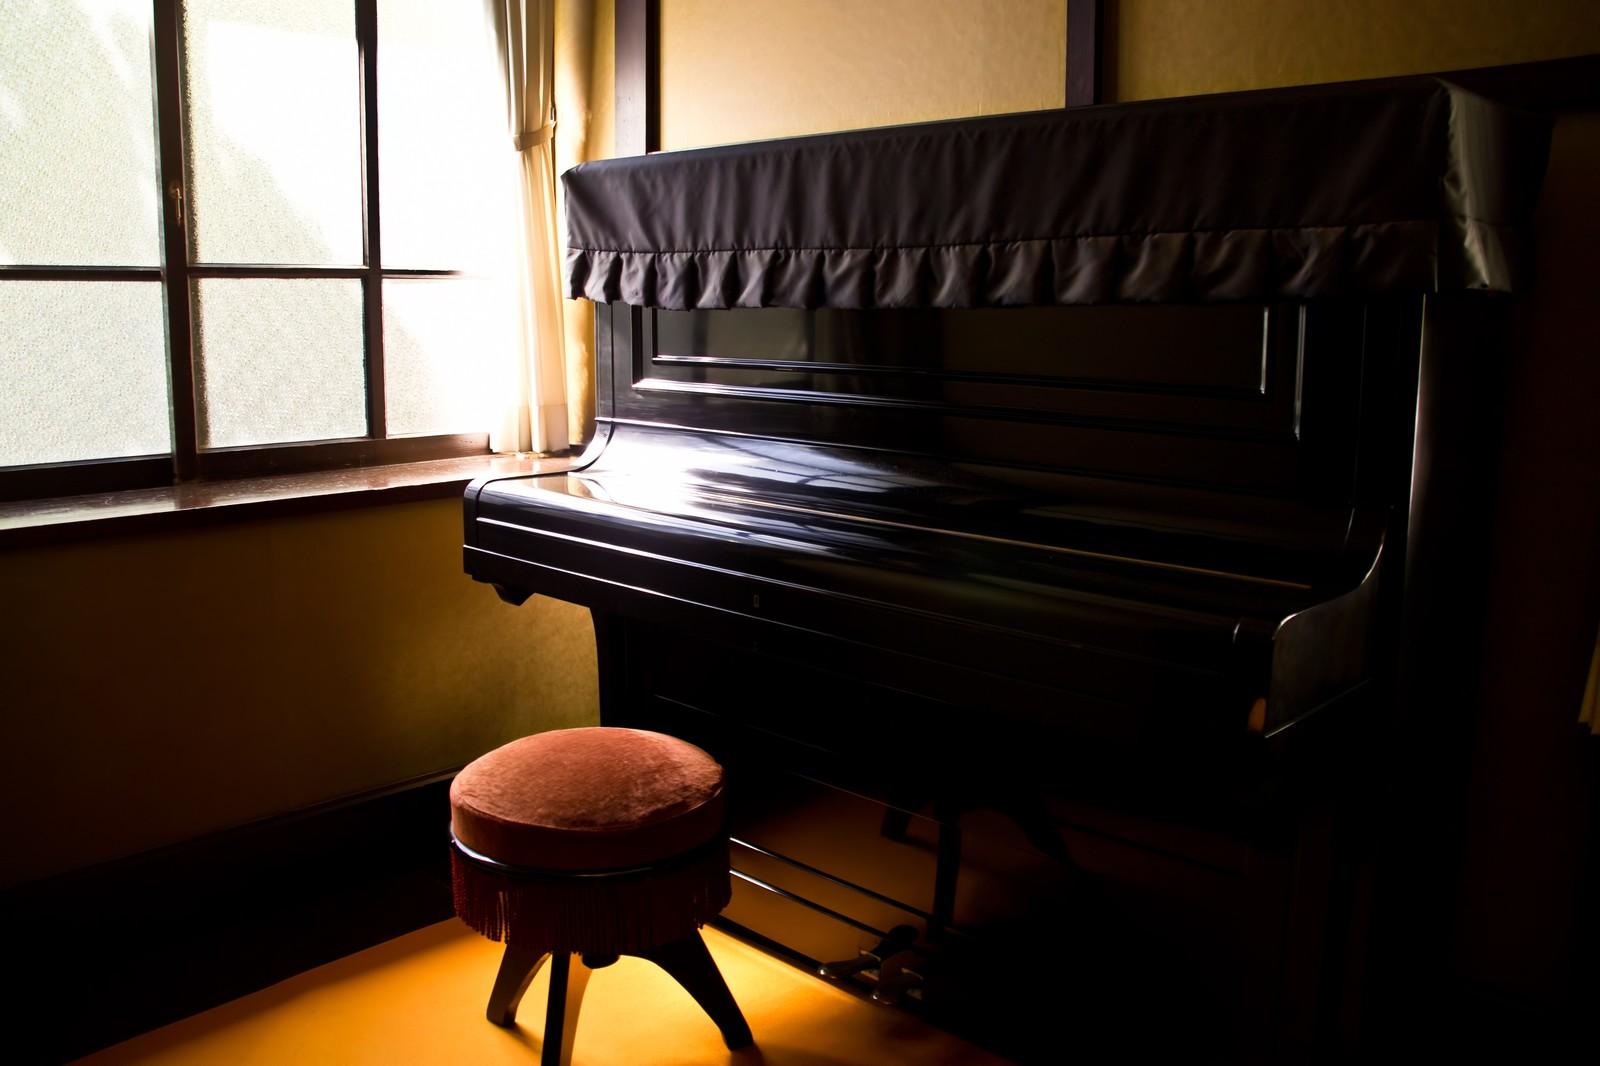 辻井伸行さんのヴァン・クライバーン国際ピアノ・コンクール優勝10周年記念 特別コンサート@福岡に行ってきたよ